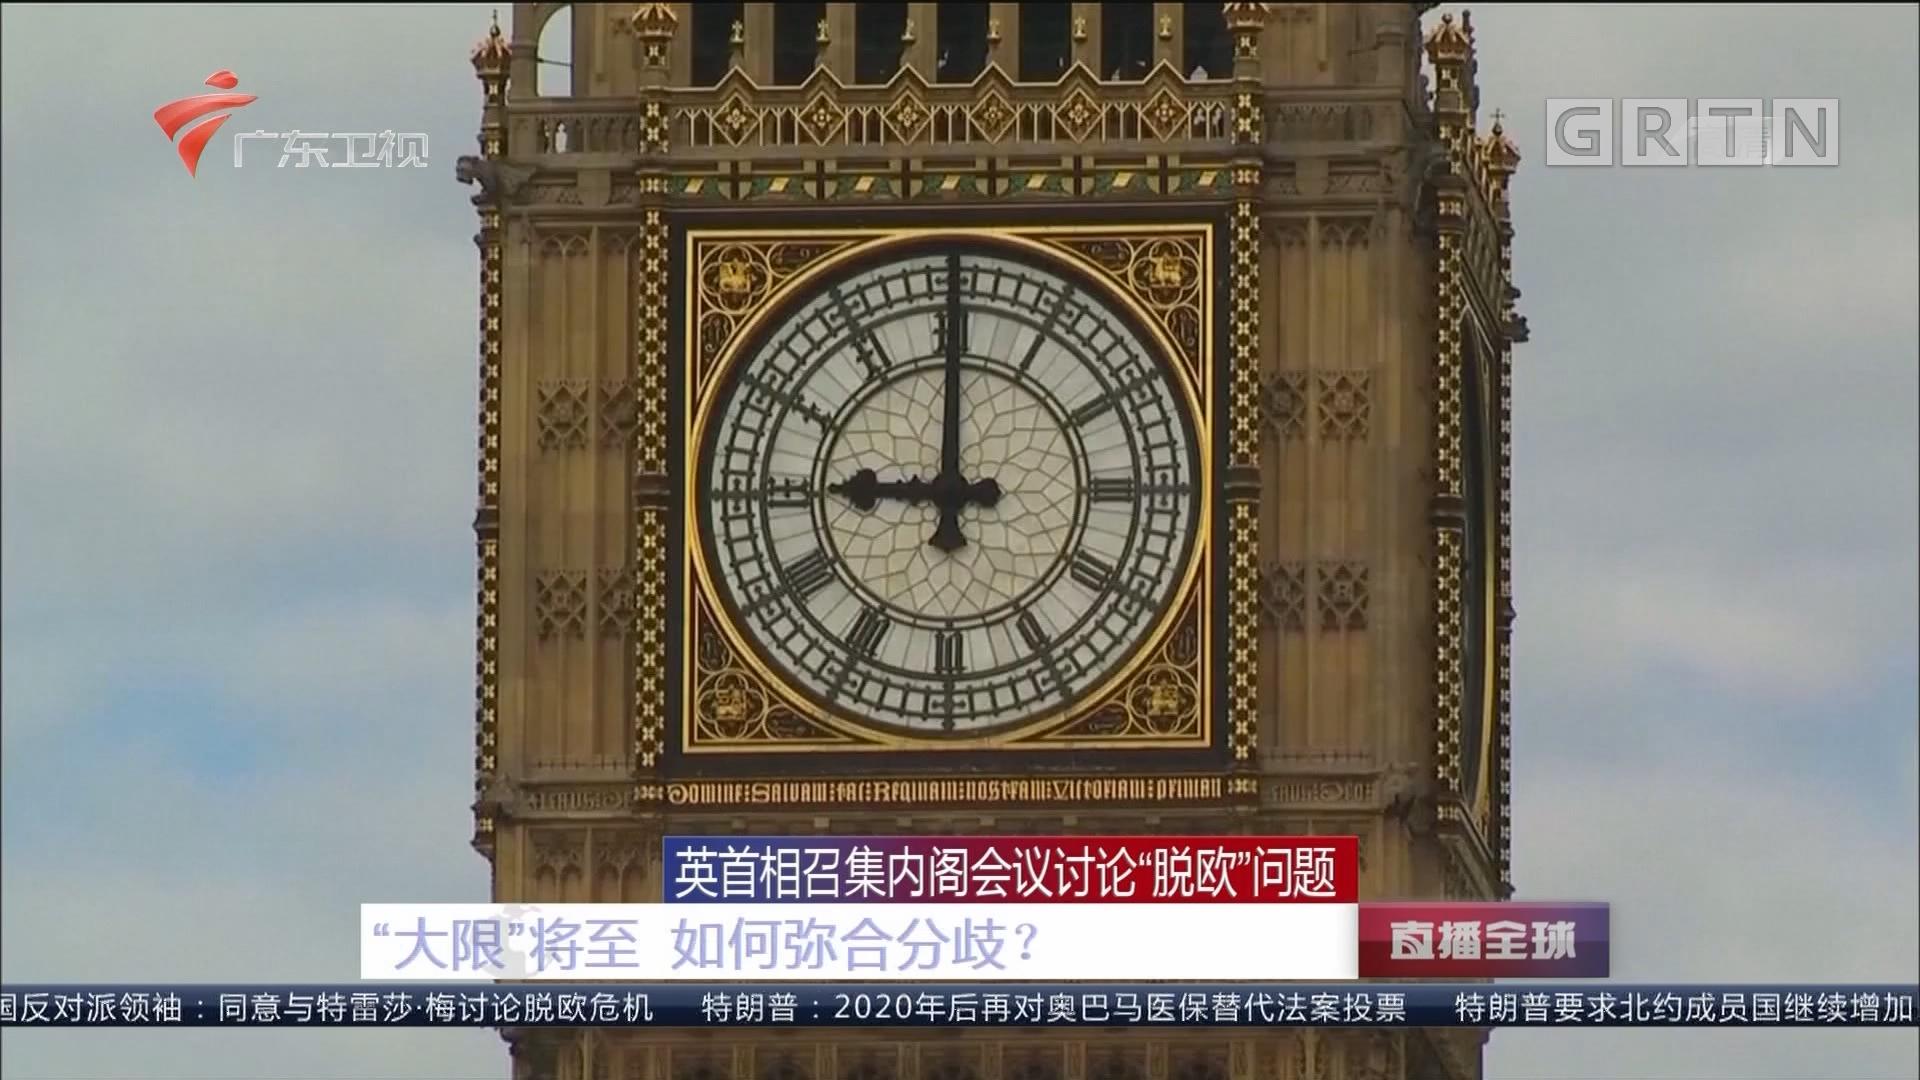 """英首相召集内阁会议讨论""""脱欧""""问题 将向欧盟申请延长期限"""